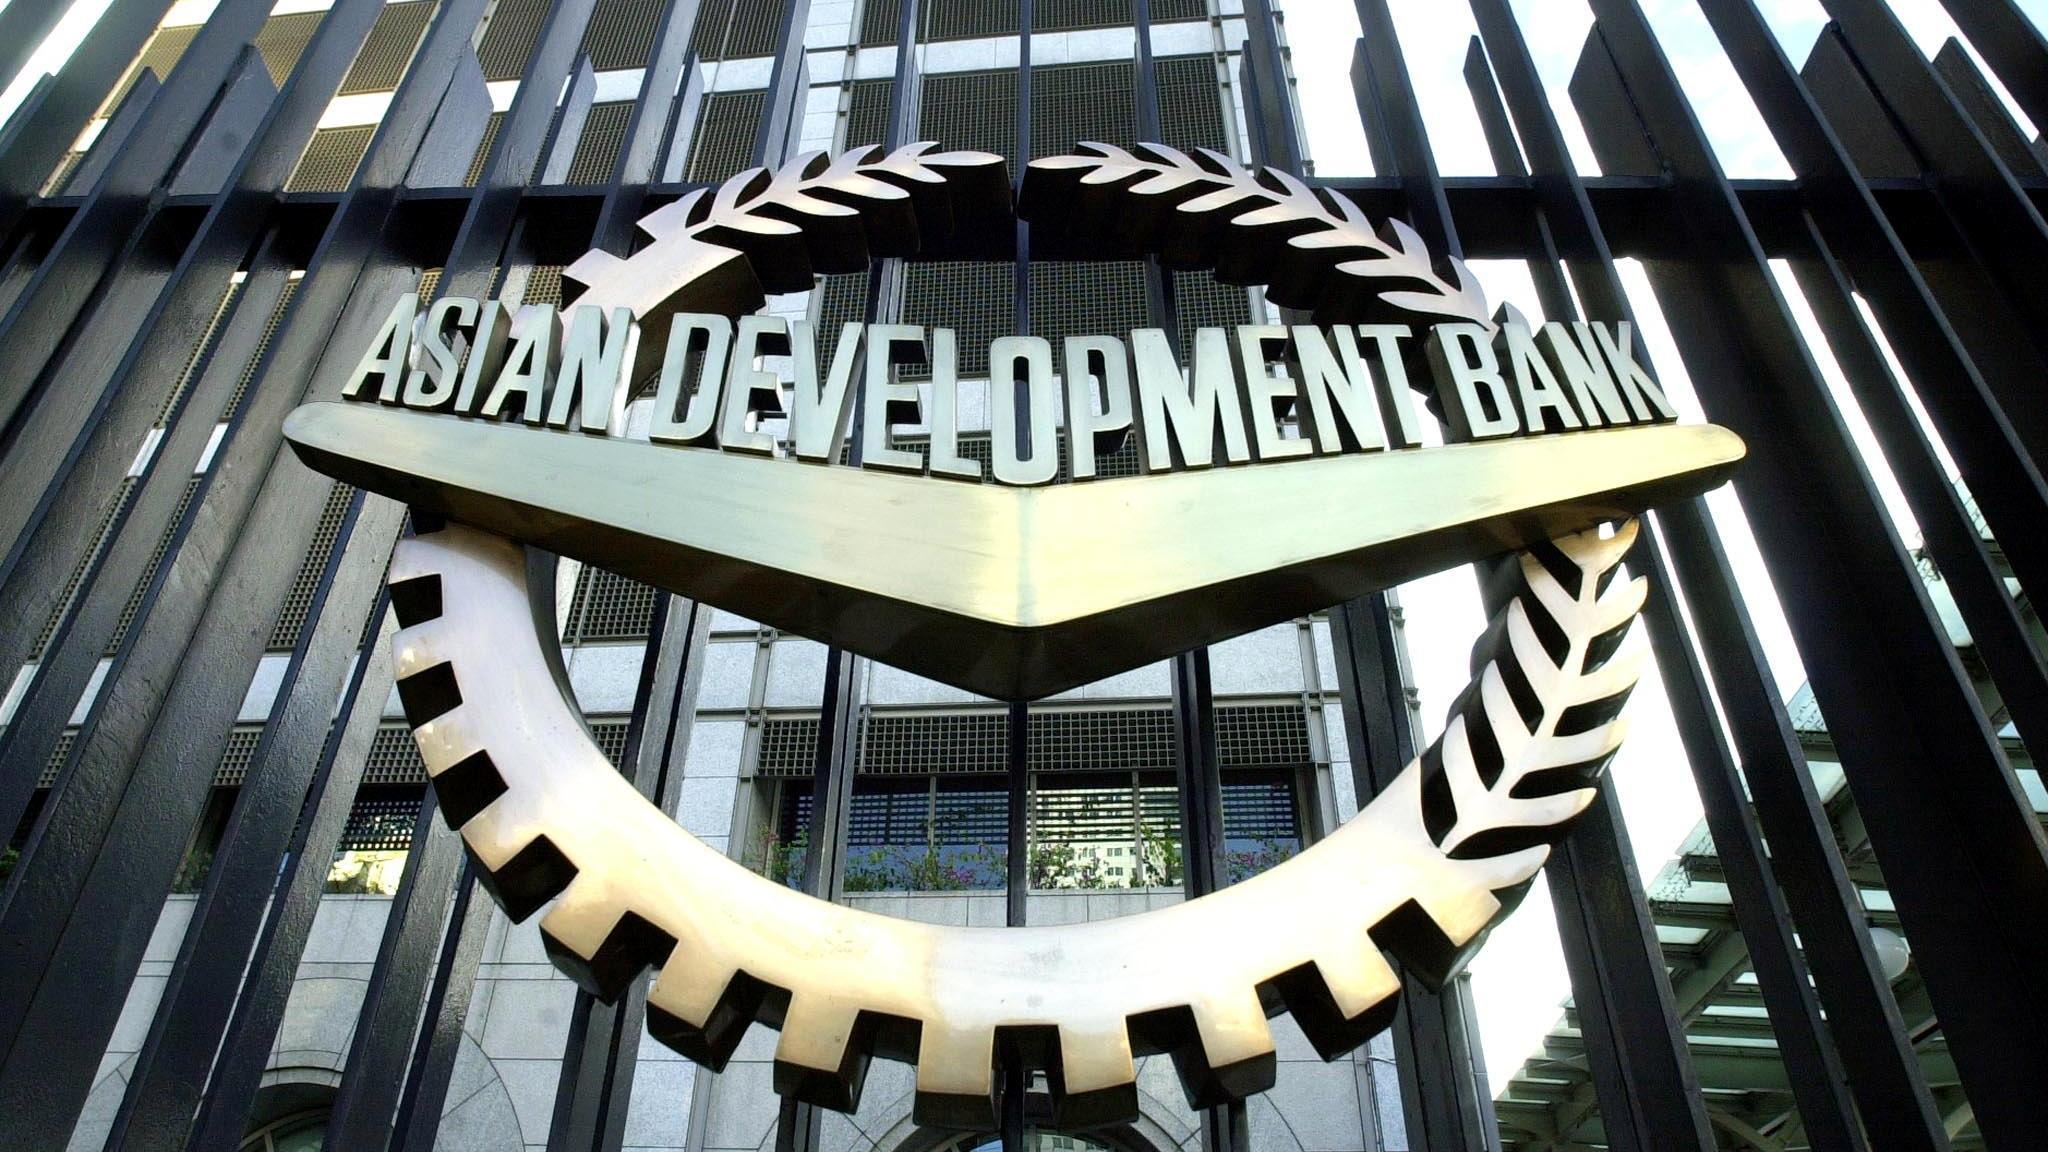 بنك التنمية الأسيوى يخصص 100 مليون دولار لمساعدة أفغانستان لمكافحة كورونا